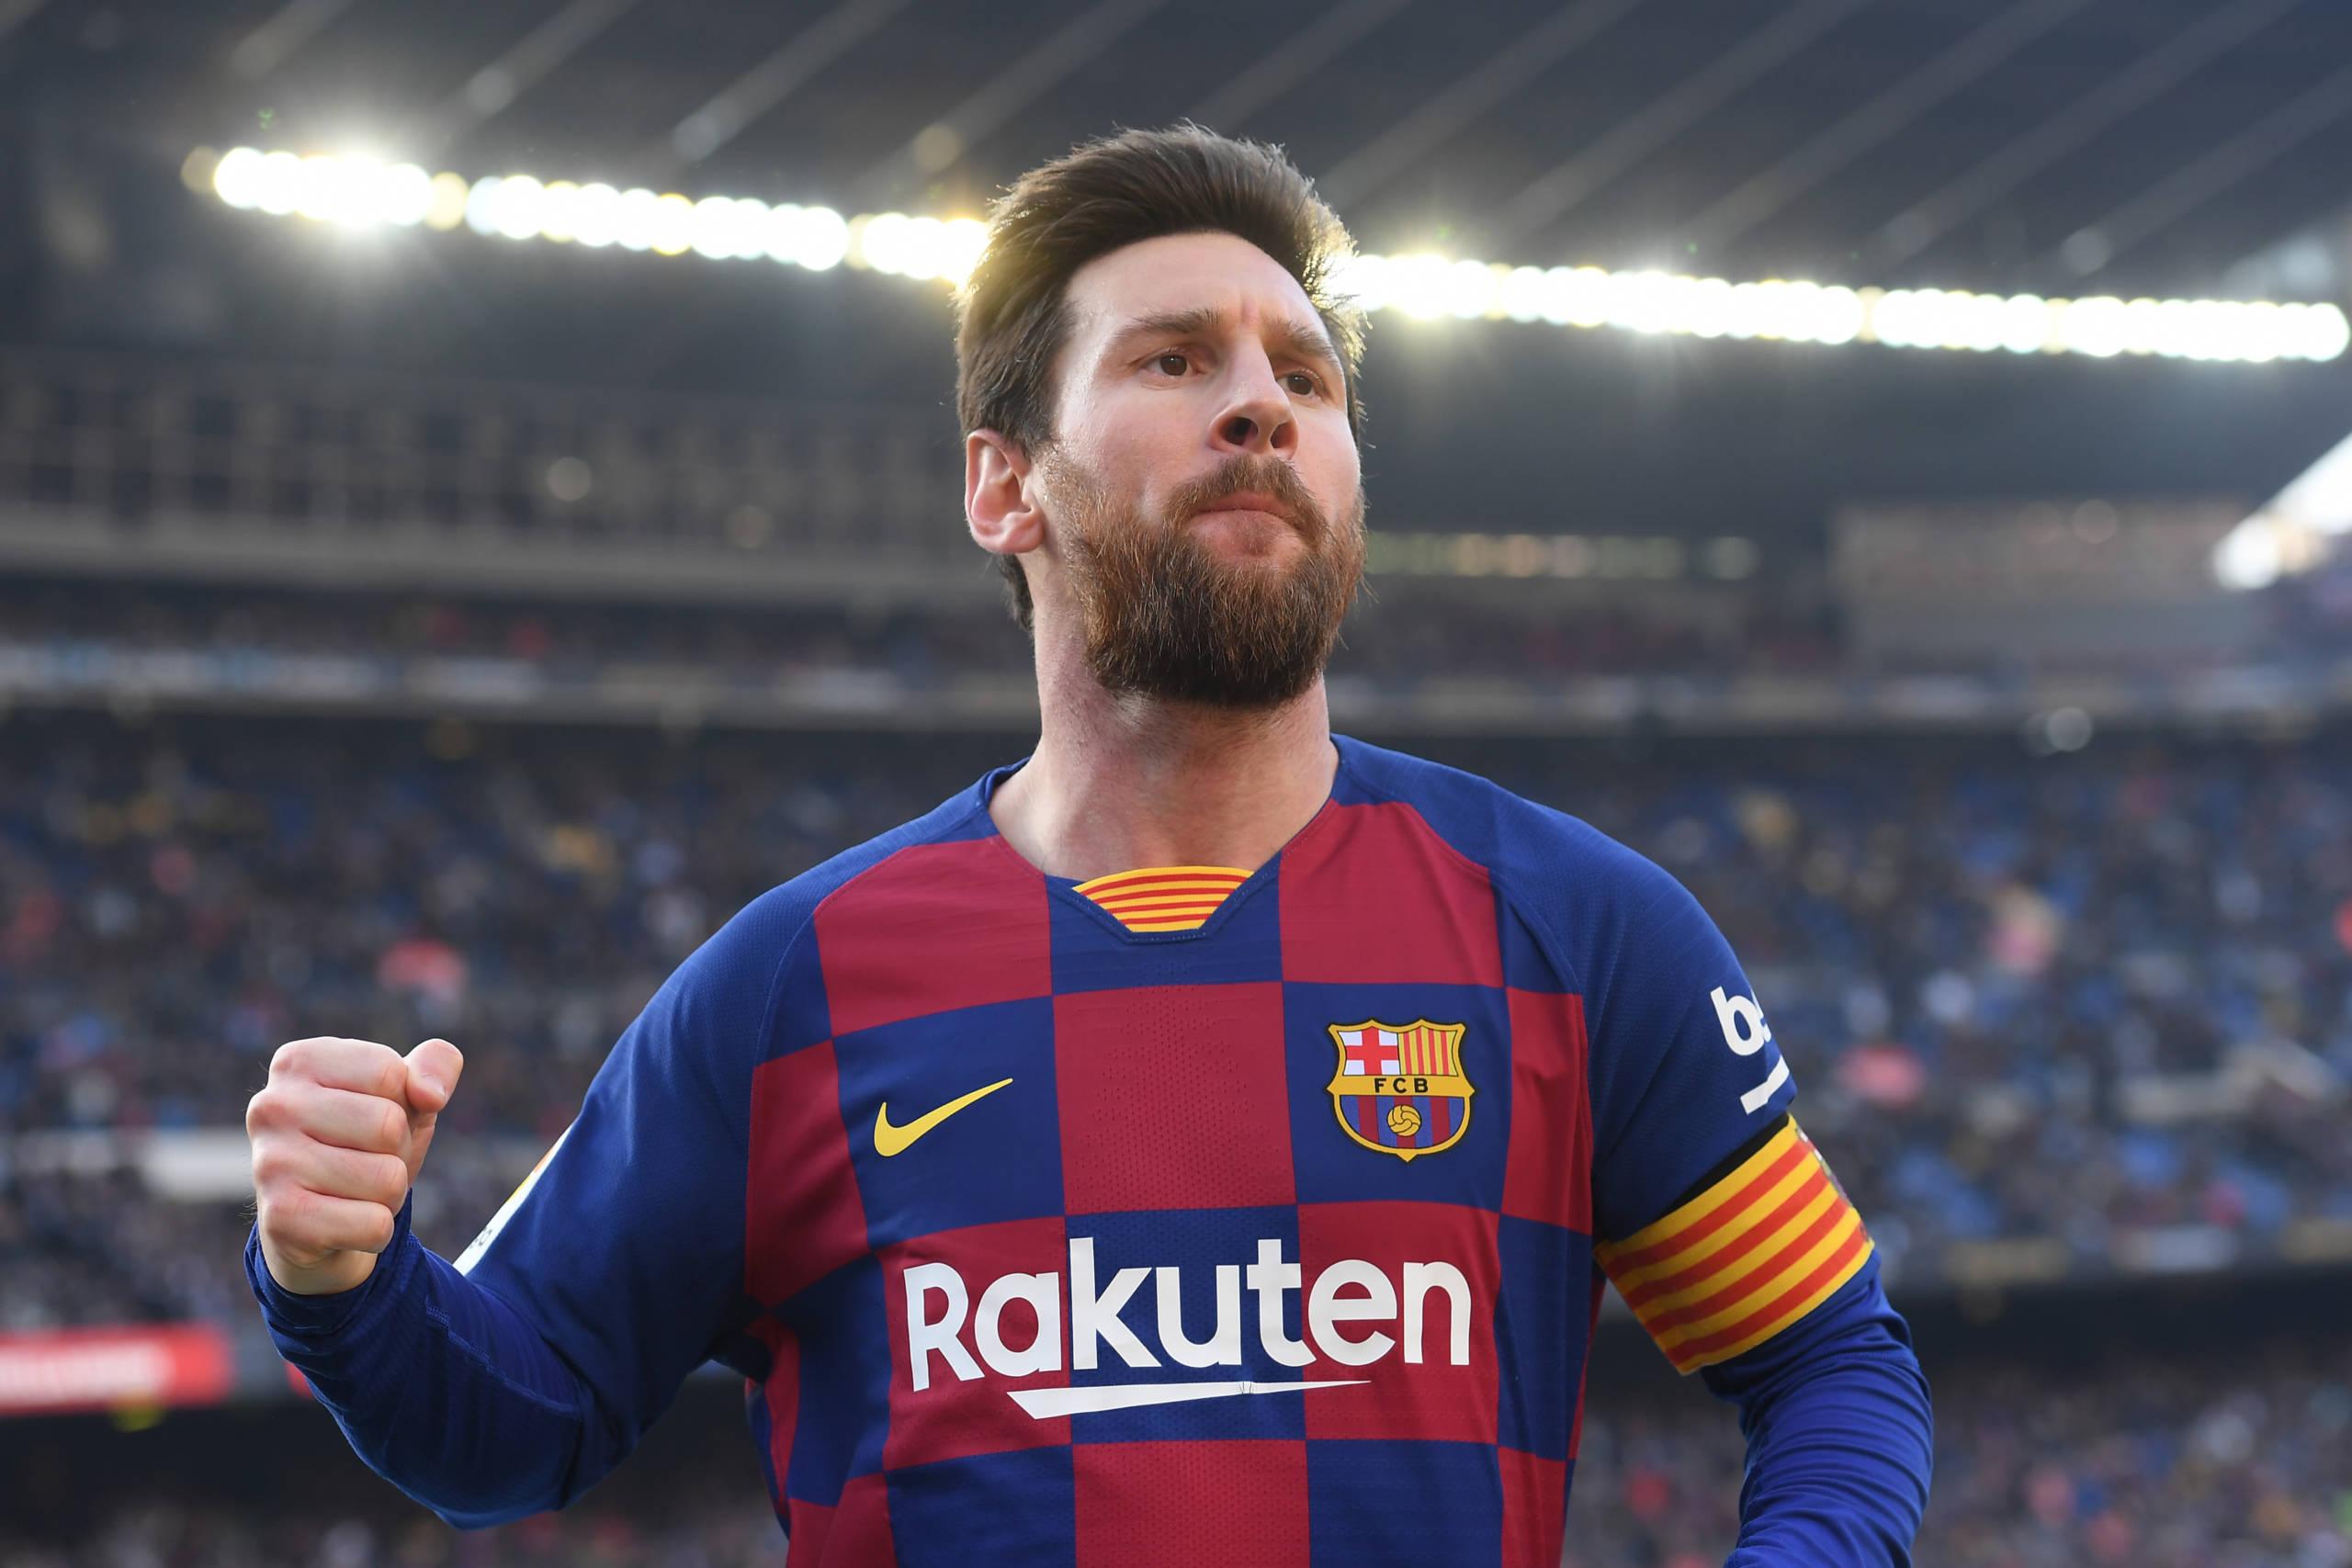 Messi da show e comanda goleada do Barcelona sobre o Eibar no Espanhol